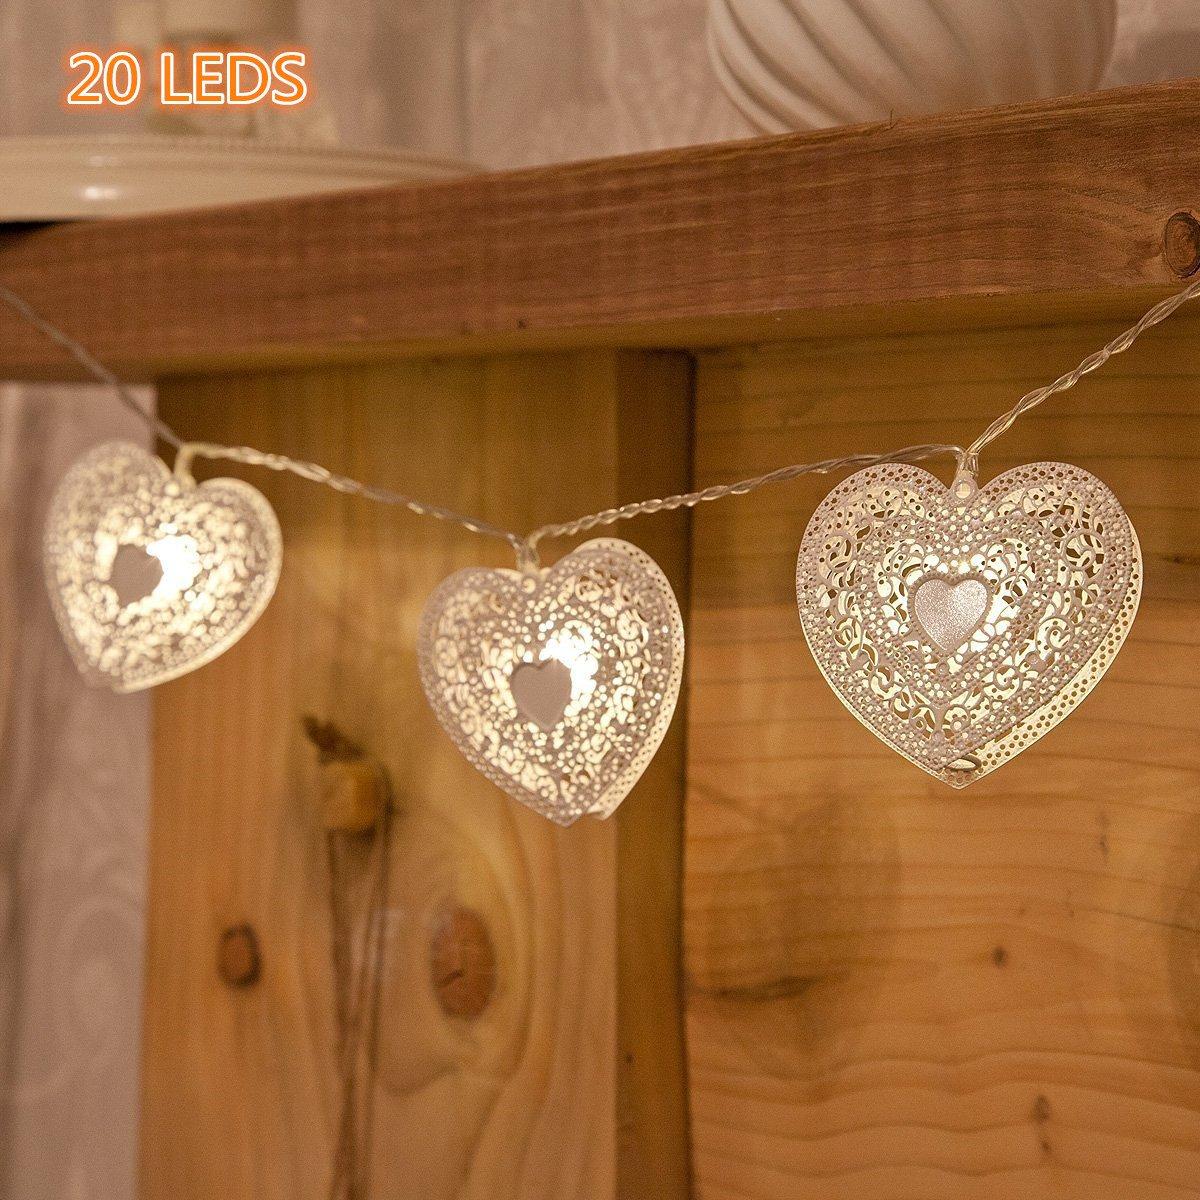 love heart string lights 20 led christmas indoor outdoor decorative 16 ft new ebay. Black Bedroom Furniture Sets. Home Design Ideas